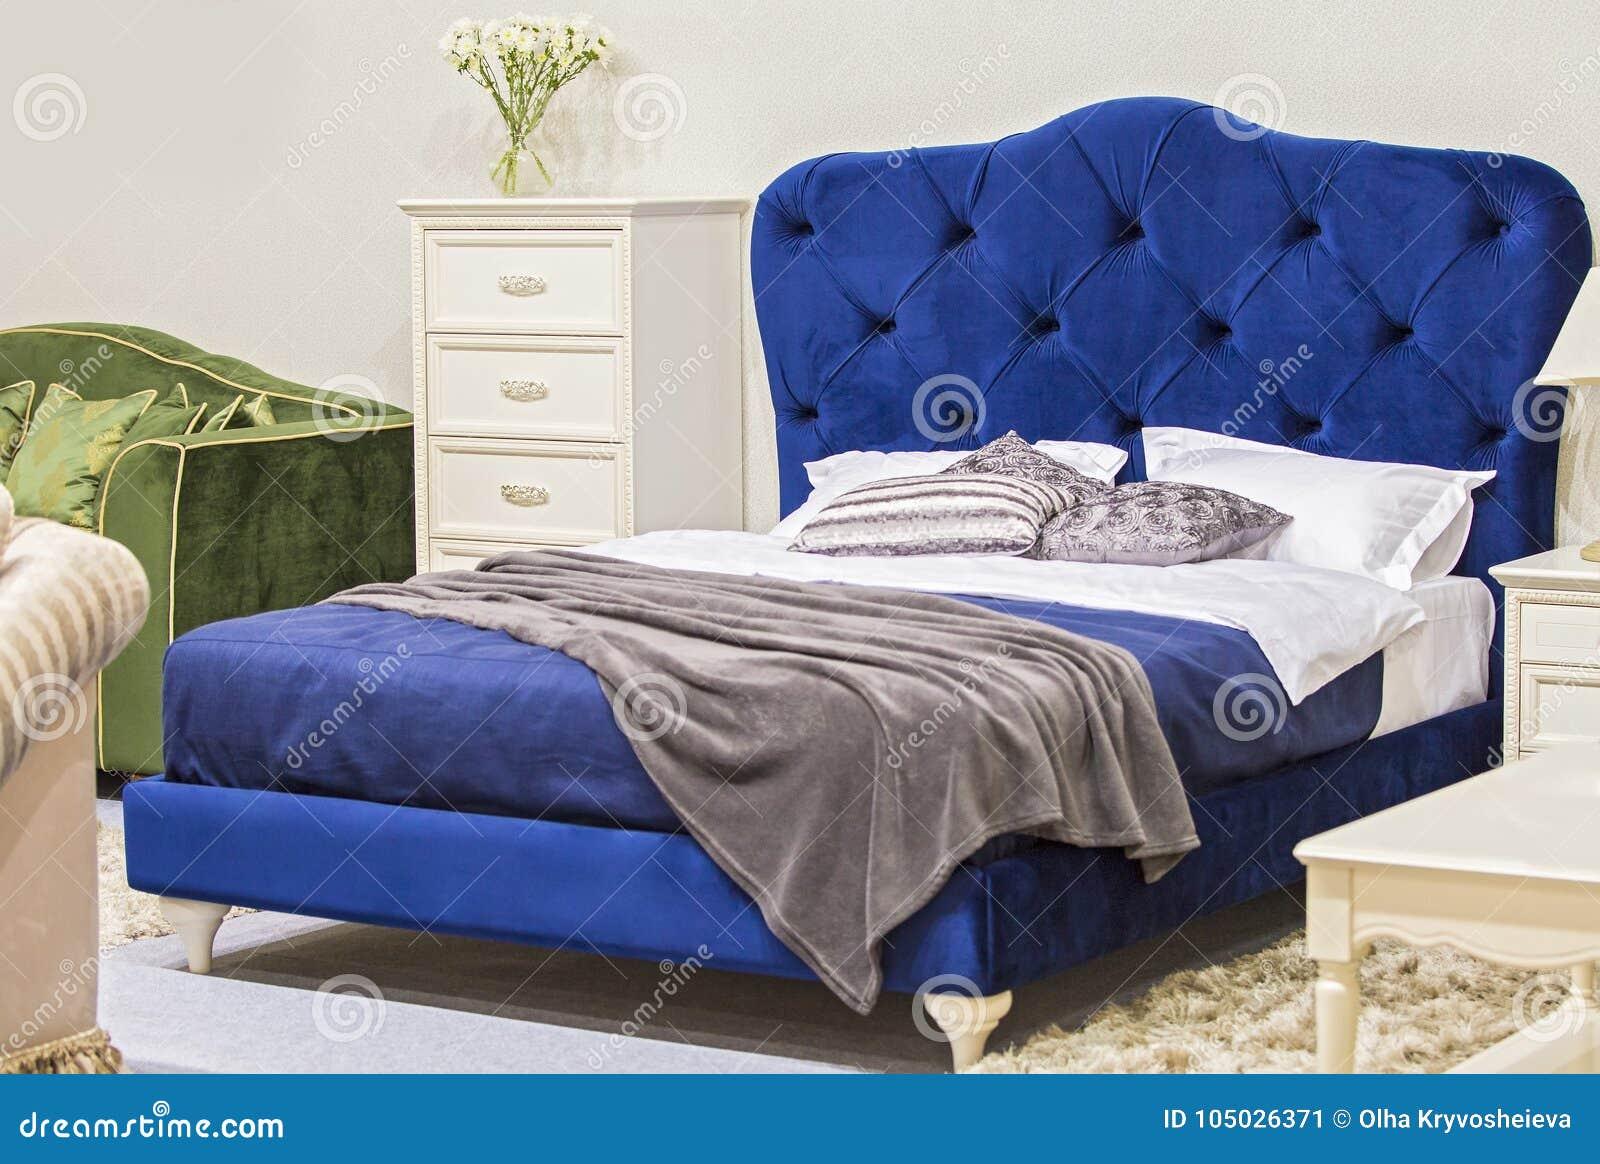 Avec Style Chambre Coucher Dans À De Le Luxe Antique Lit ...